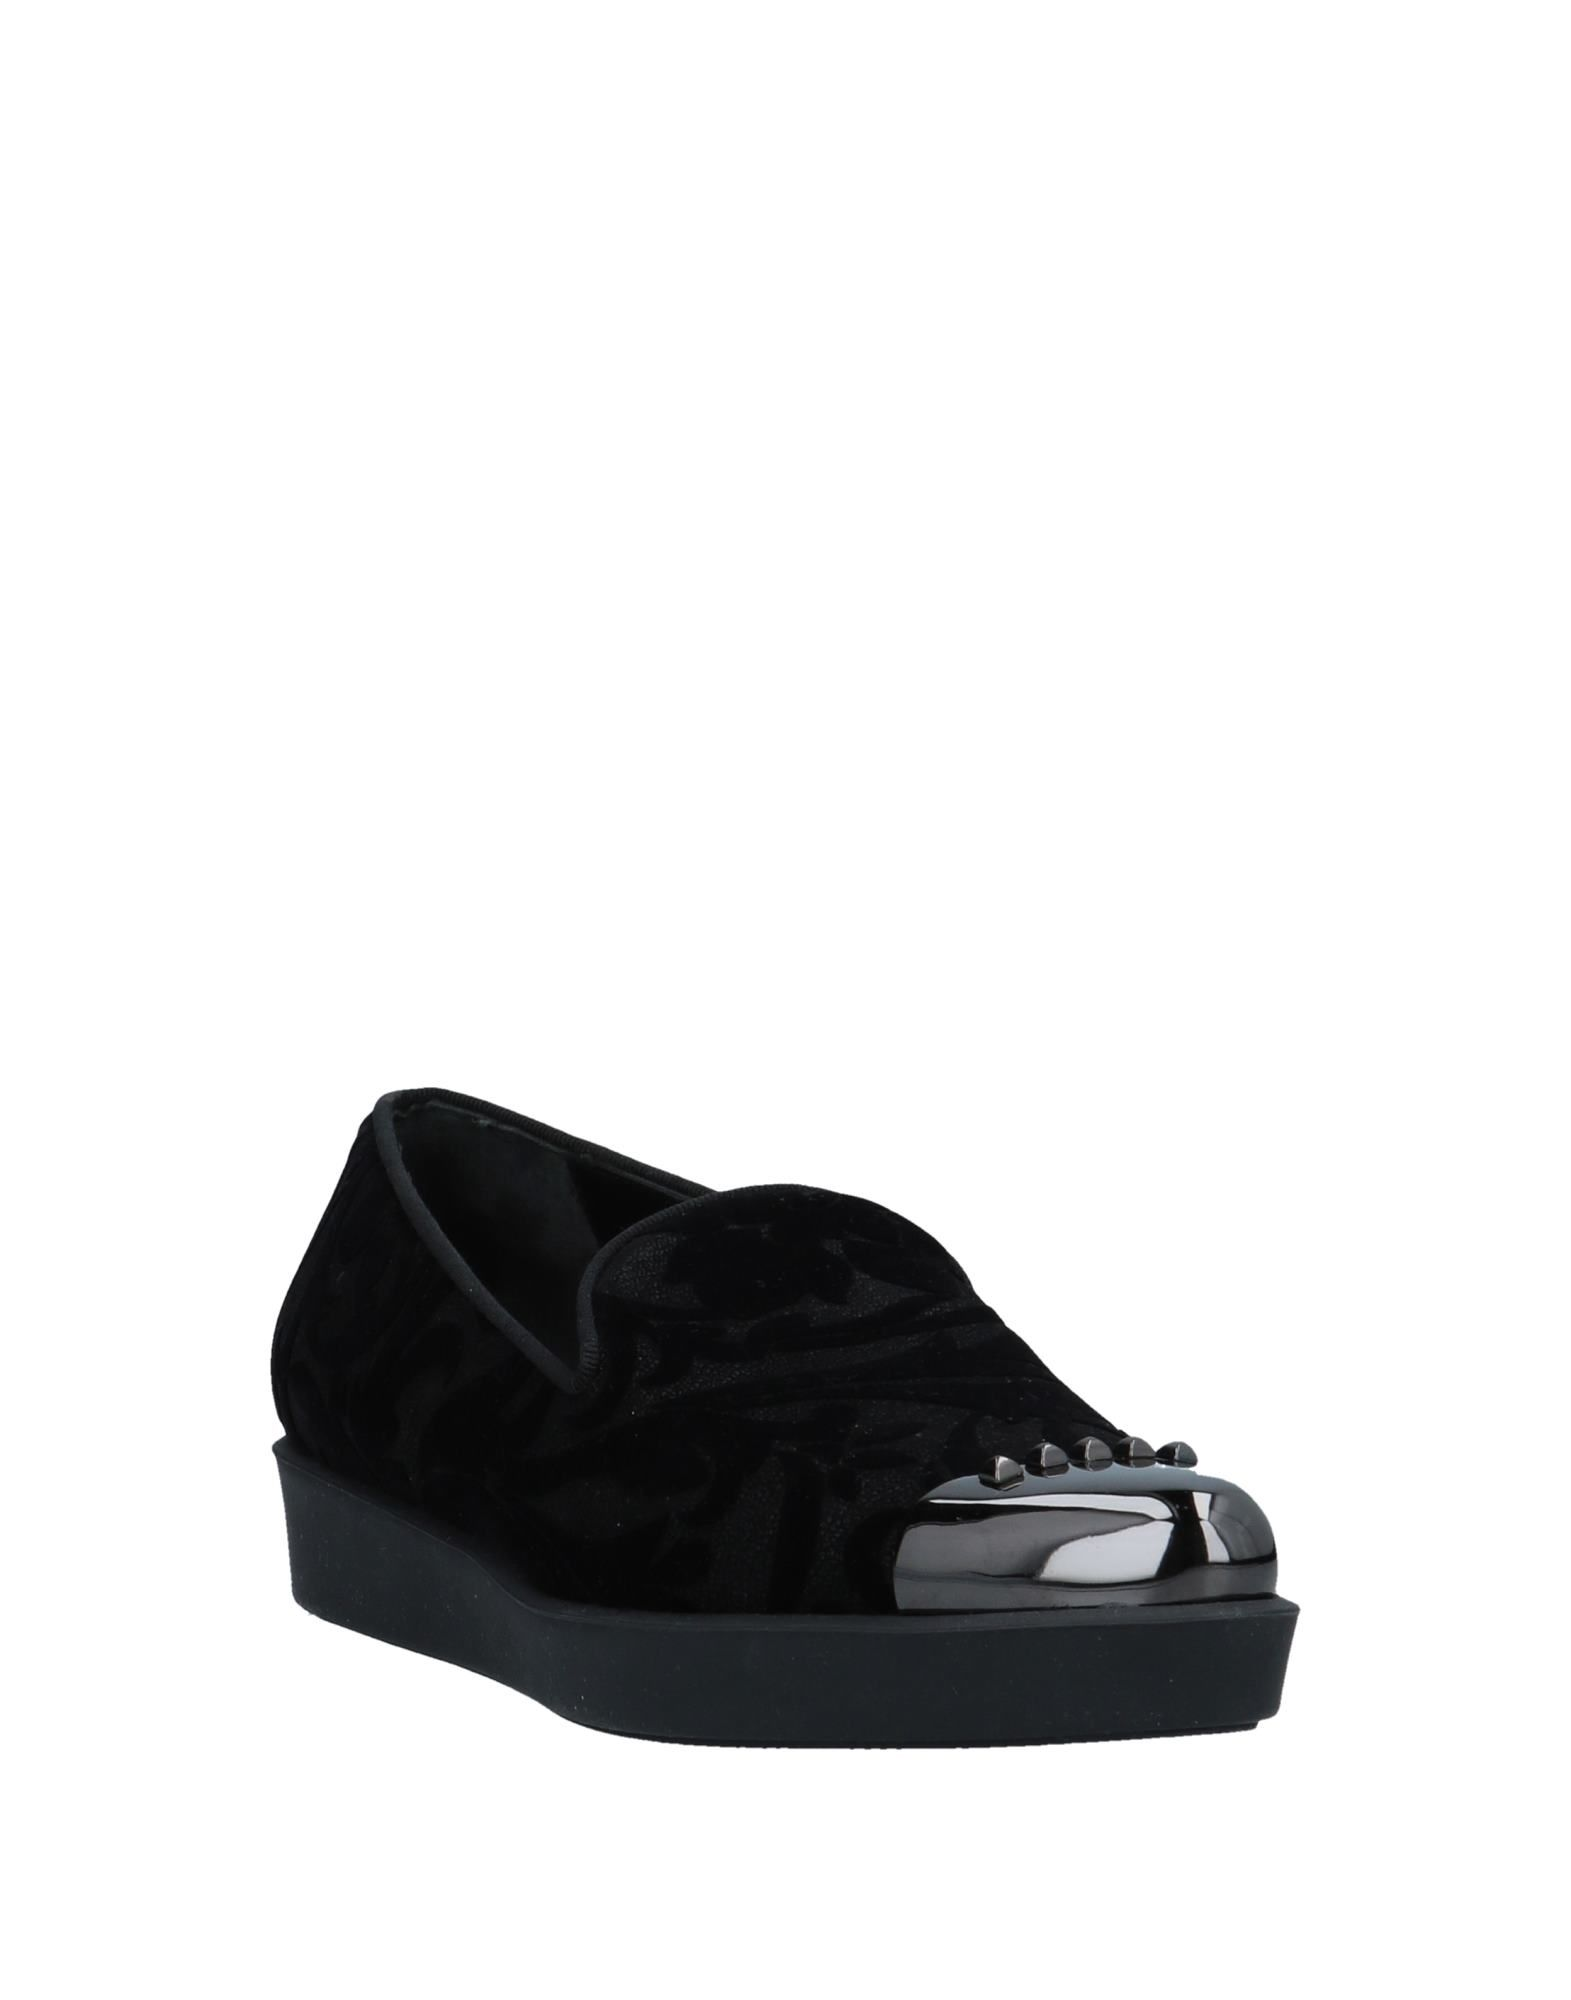 Gut um Mokassins billige Schuhe zu tragenJeannot Mokassins um Damen  11548318FH 1368f6